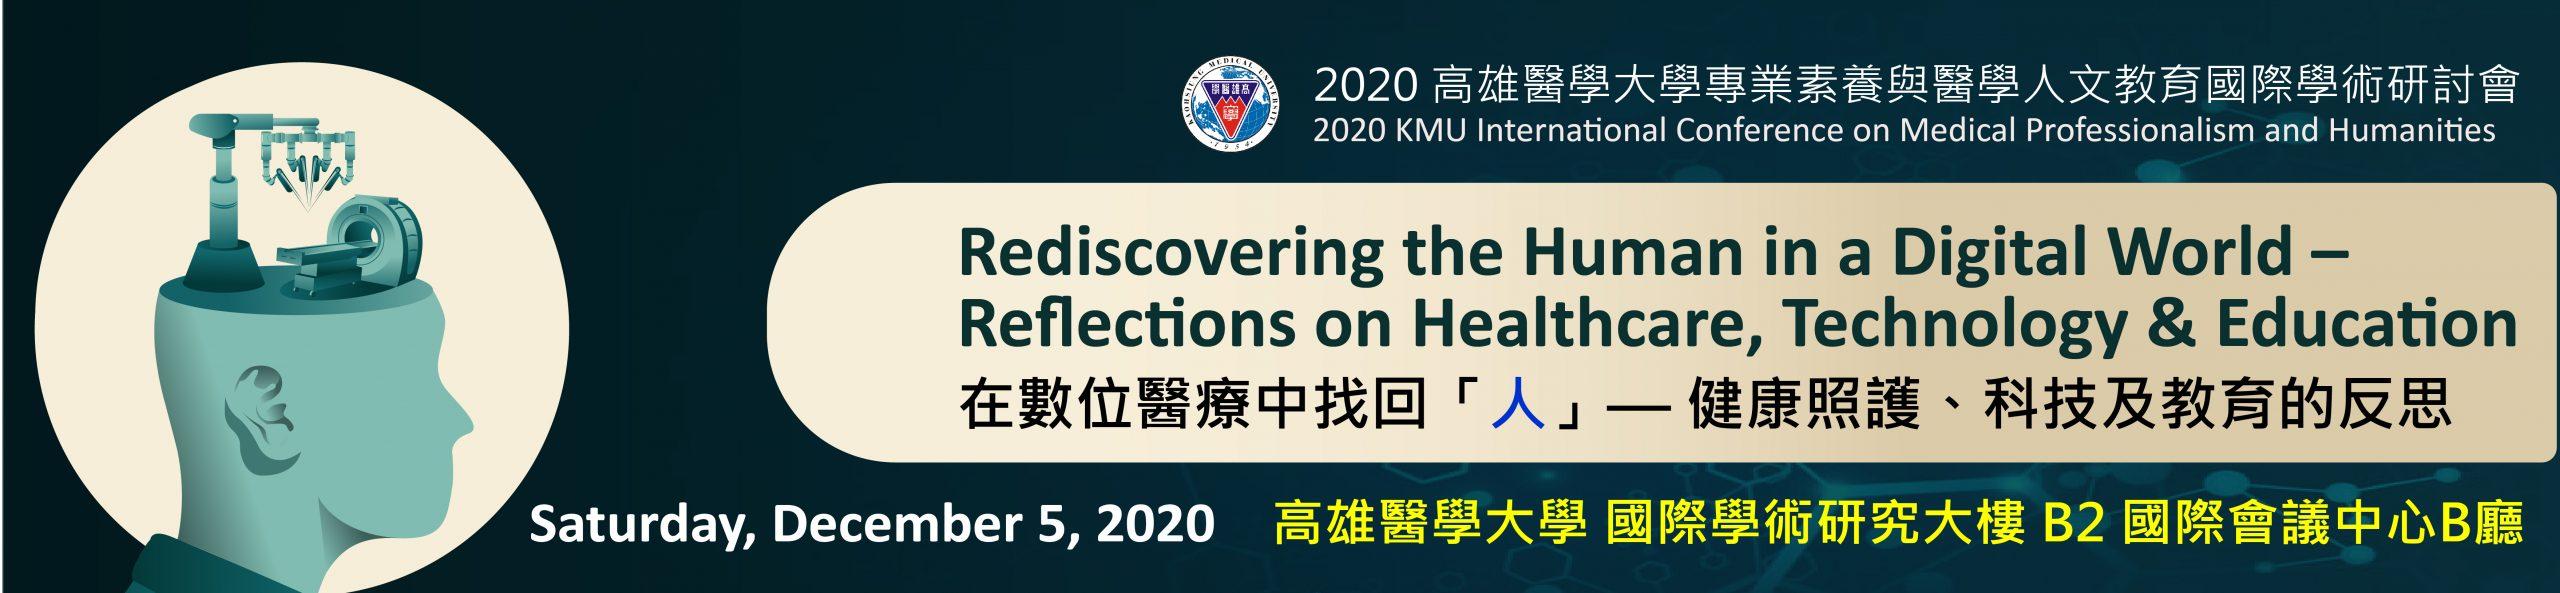 高雄醫學大學專業素養與醫學人文教育國際研討會